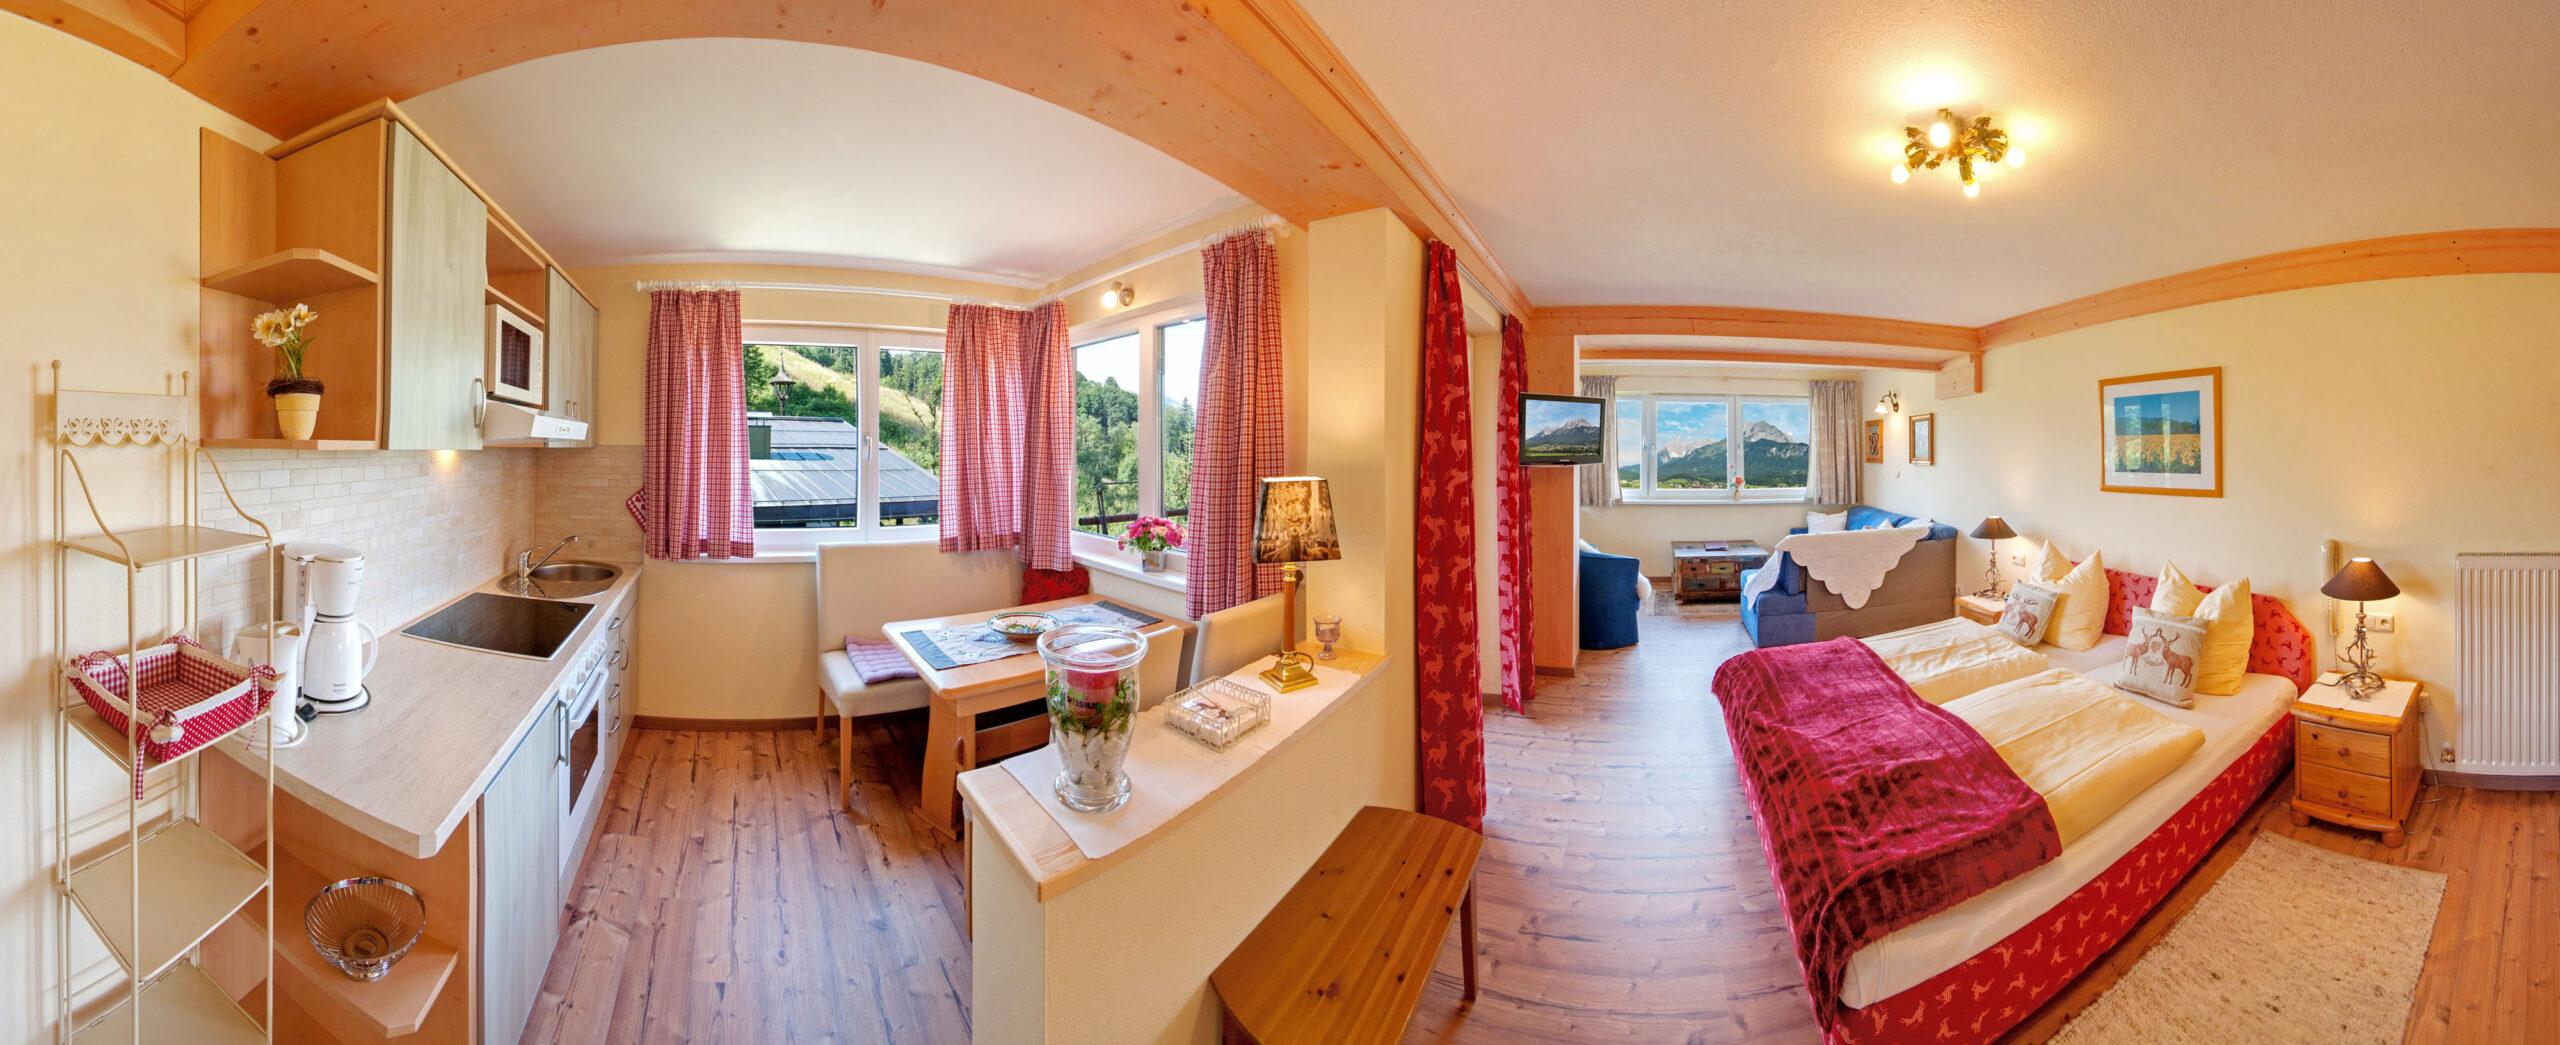 Preiswerte Ferienwohnungen in St. Johann in Tirol mit Ausblick zum Wilder Kaiser